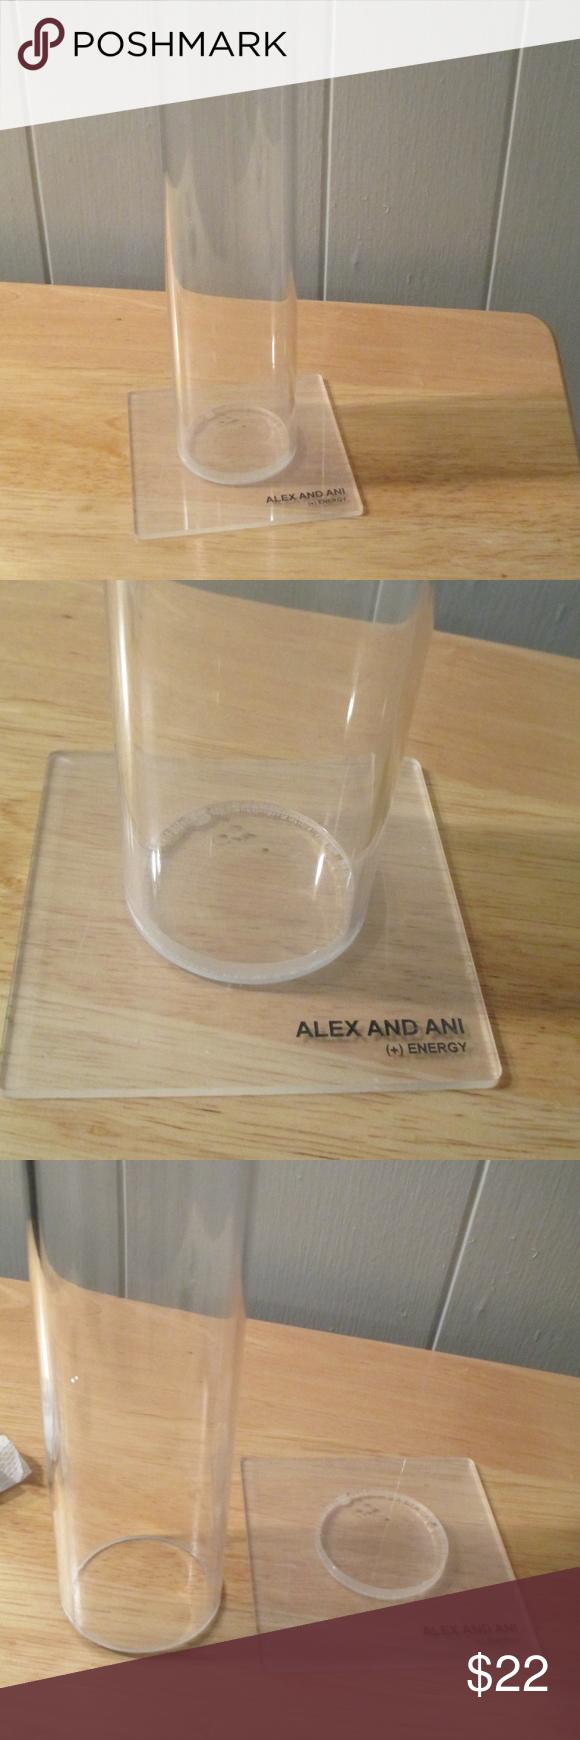 Alex Ani Bracelet Holder Holds